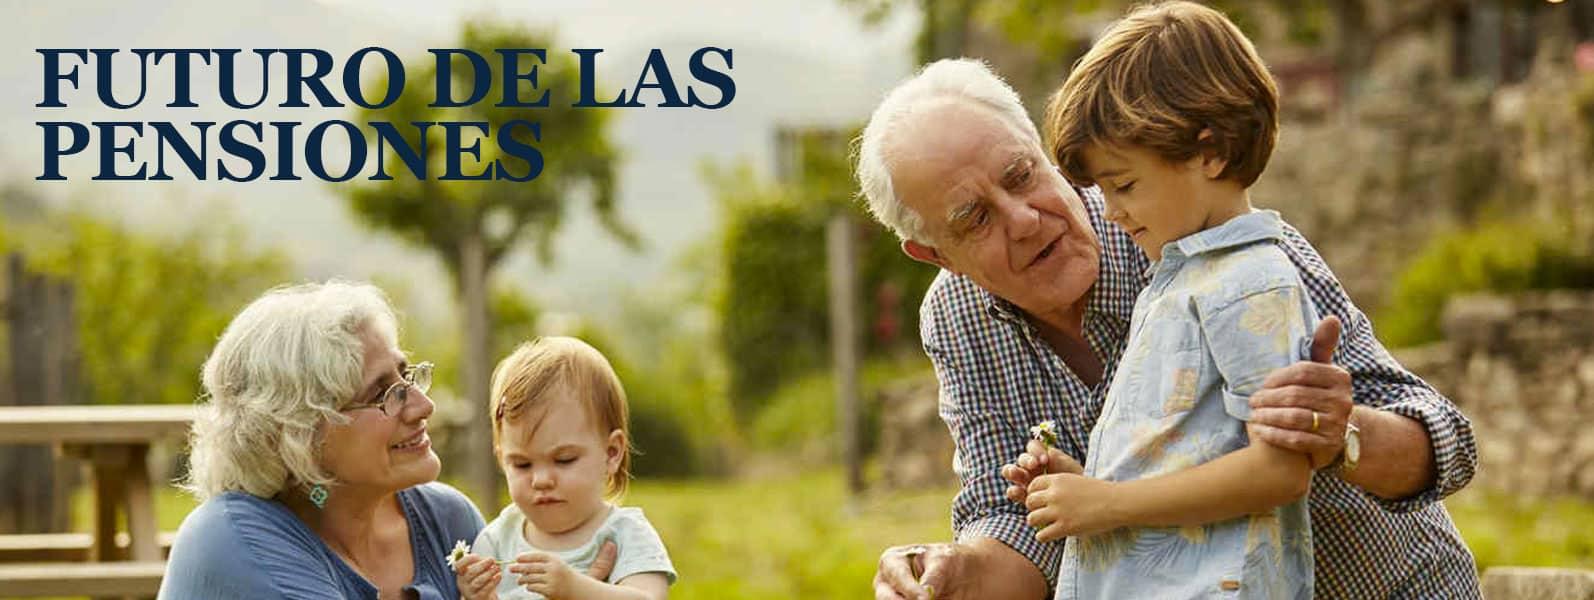 El futuro de las pensiones